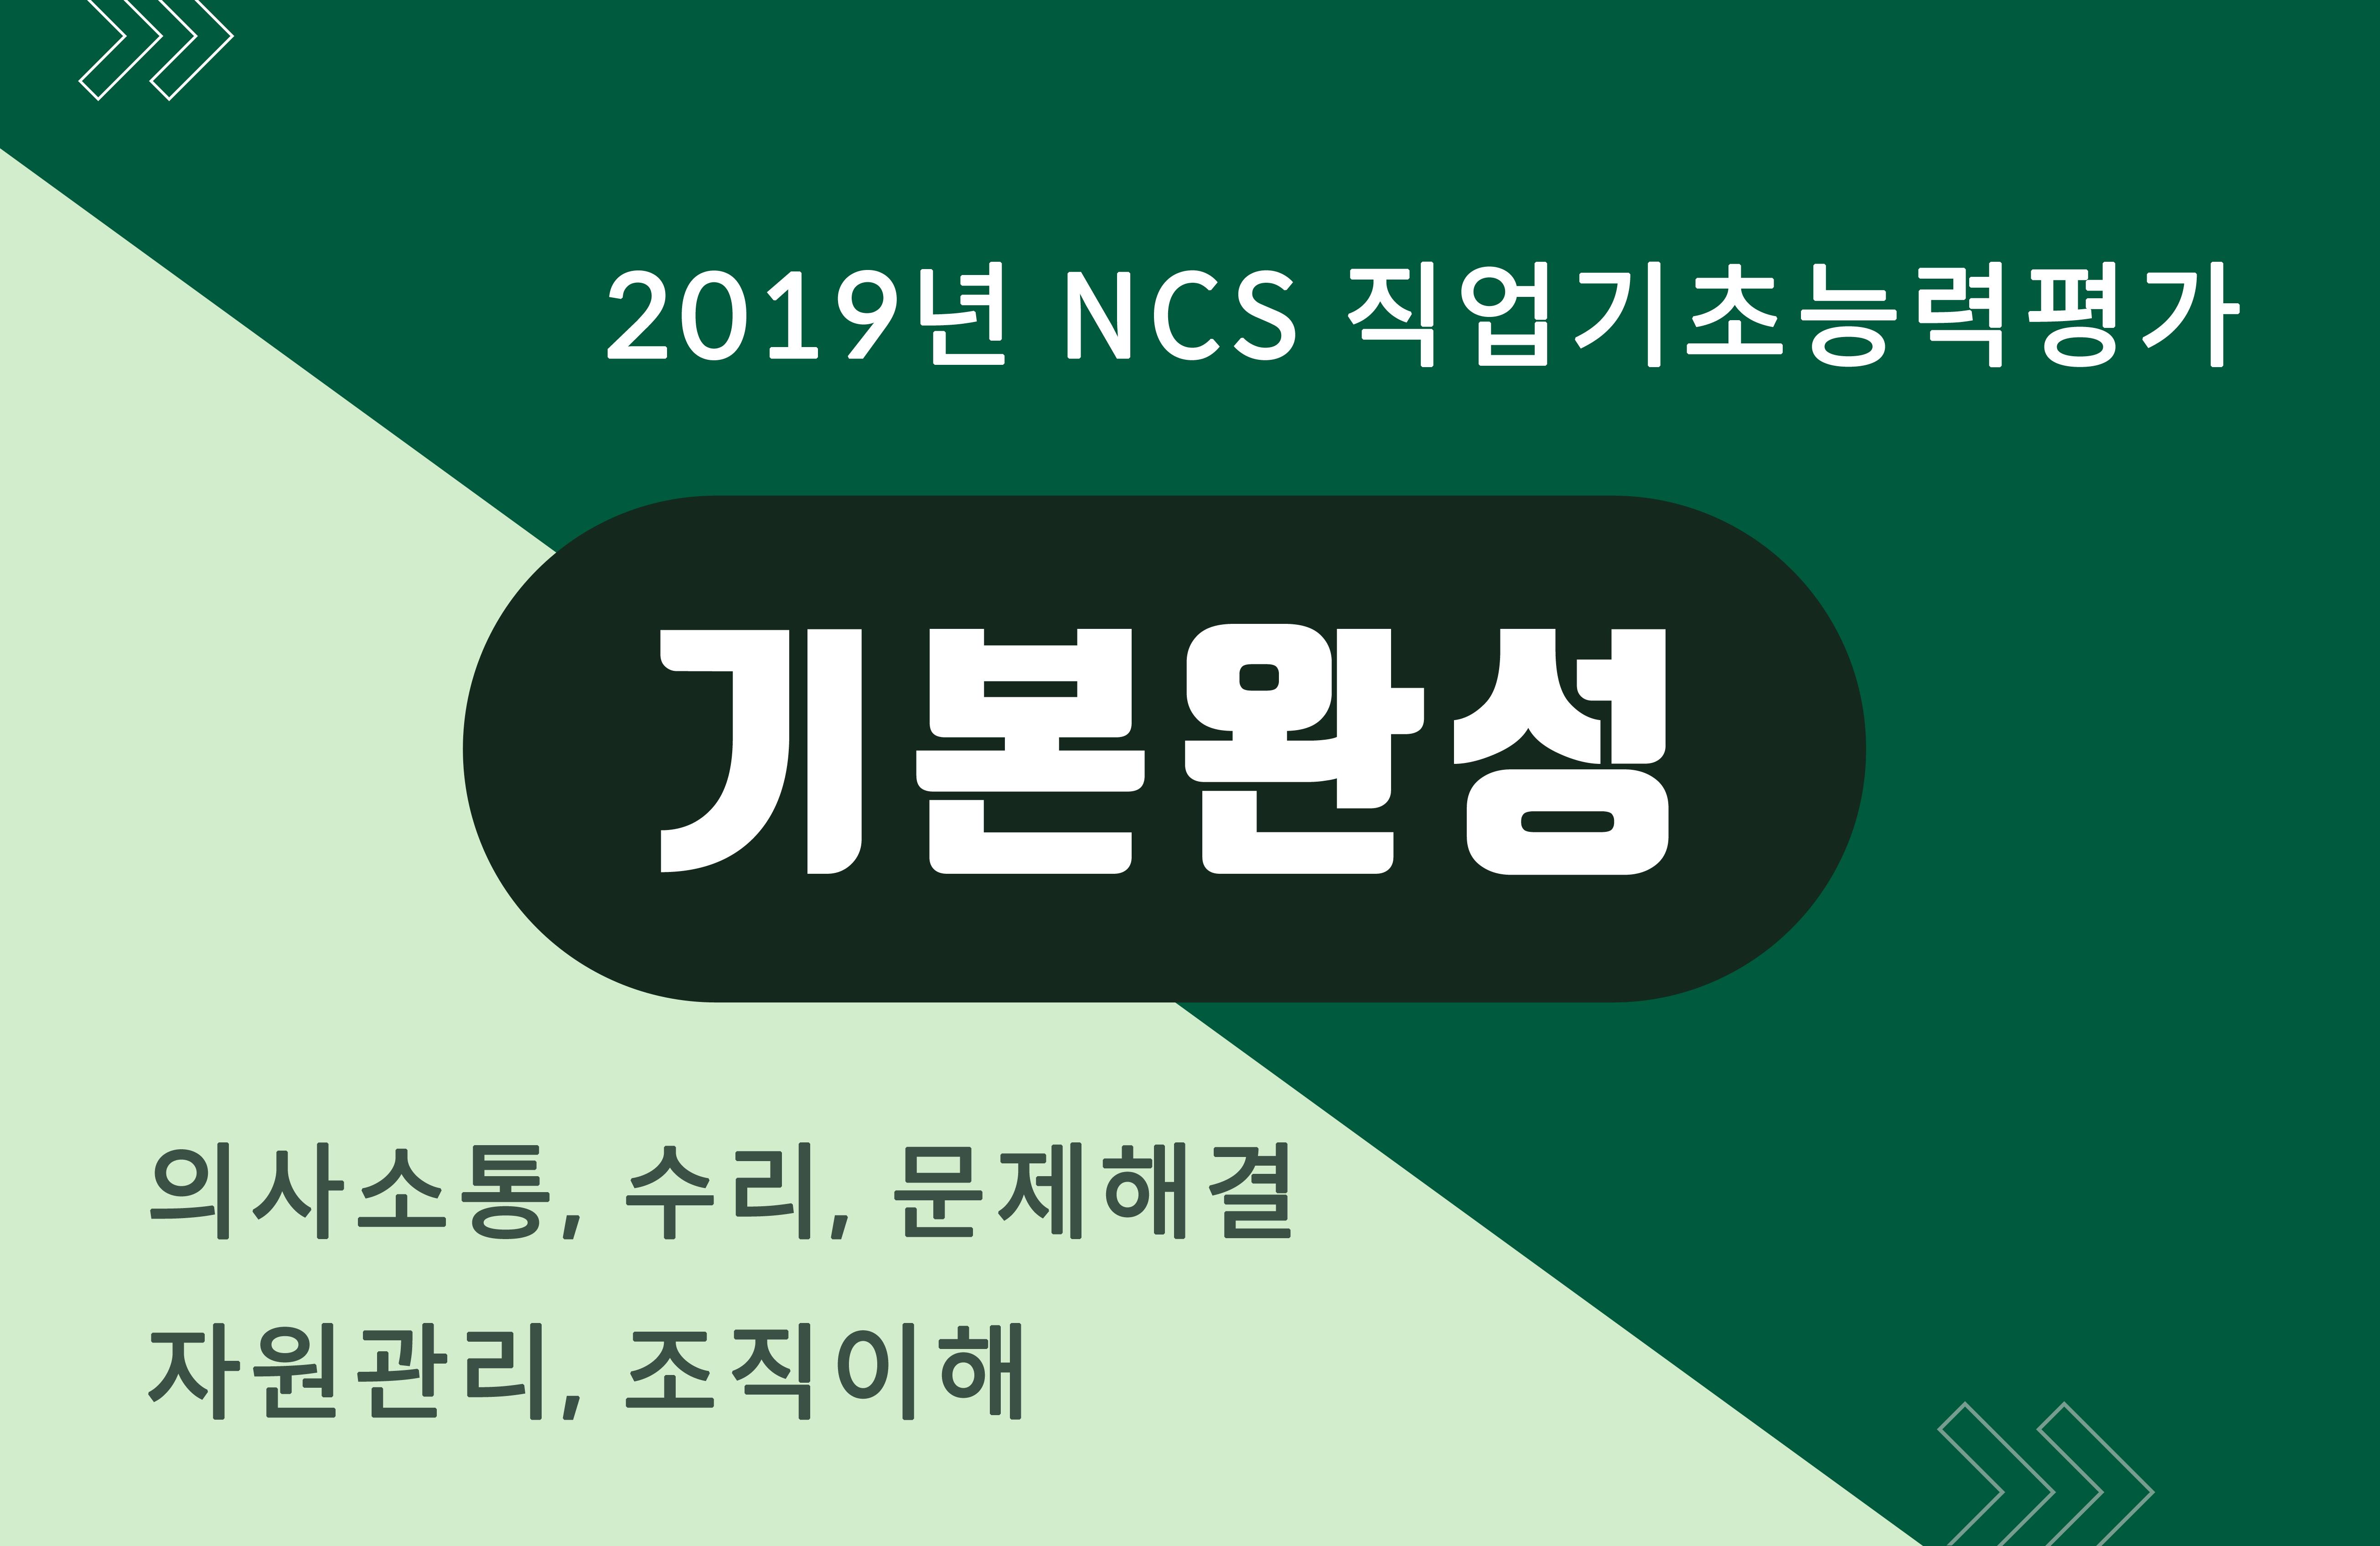 [진짜기출에서 뽑은 256개 유형] 2019 NCS 직업기초능력평가 기본완성 - 의사소통, 수리, 문제해결, 자원관리, 조직이해